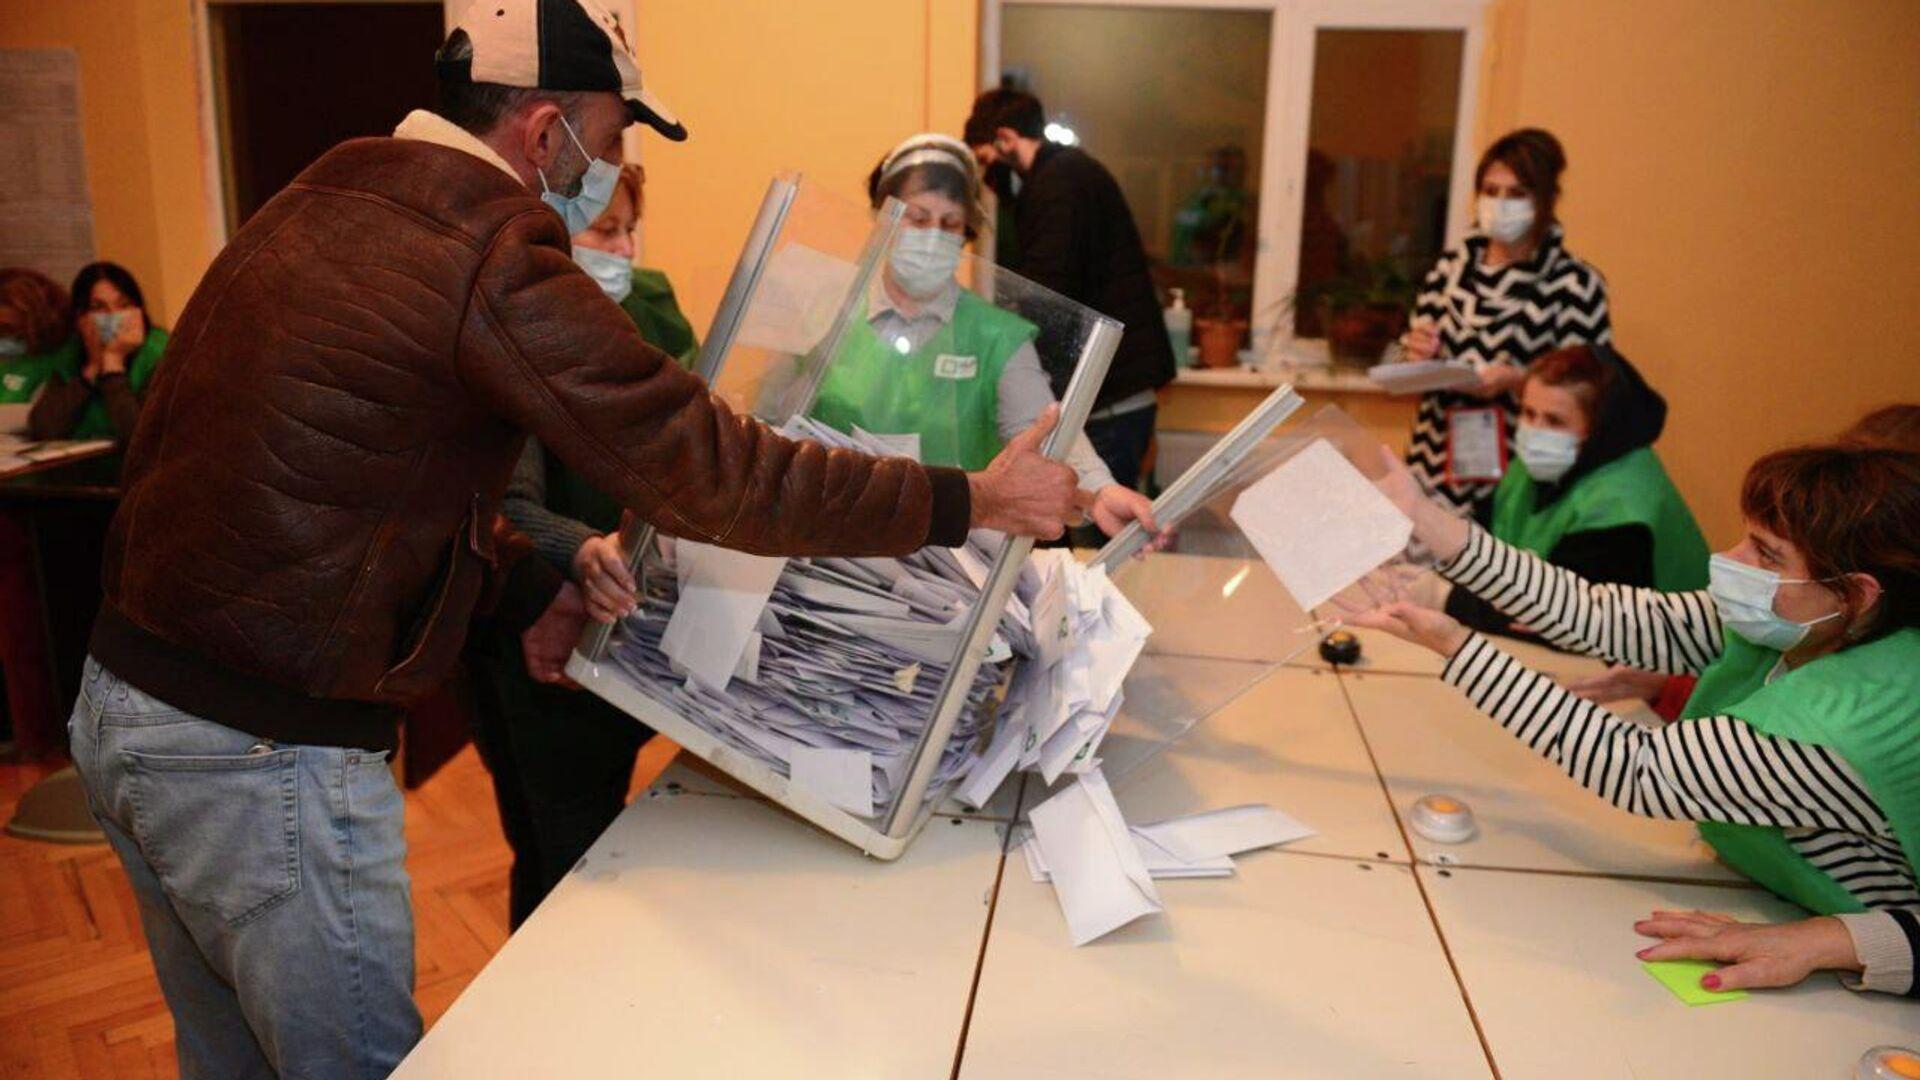 Местные выборы 2 октября - распечатывание избирательных урн и подсчет голосов - Sputnik Грузия, 1920, 03.10.2021